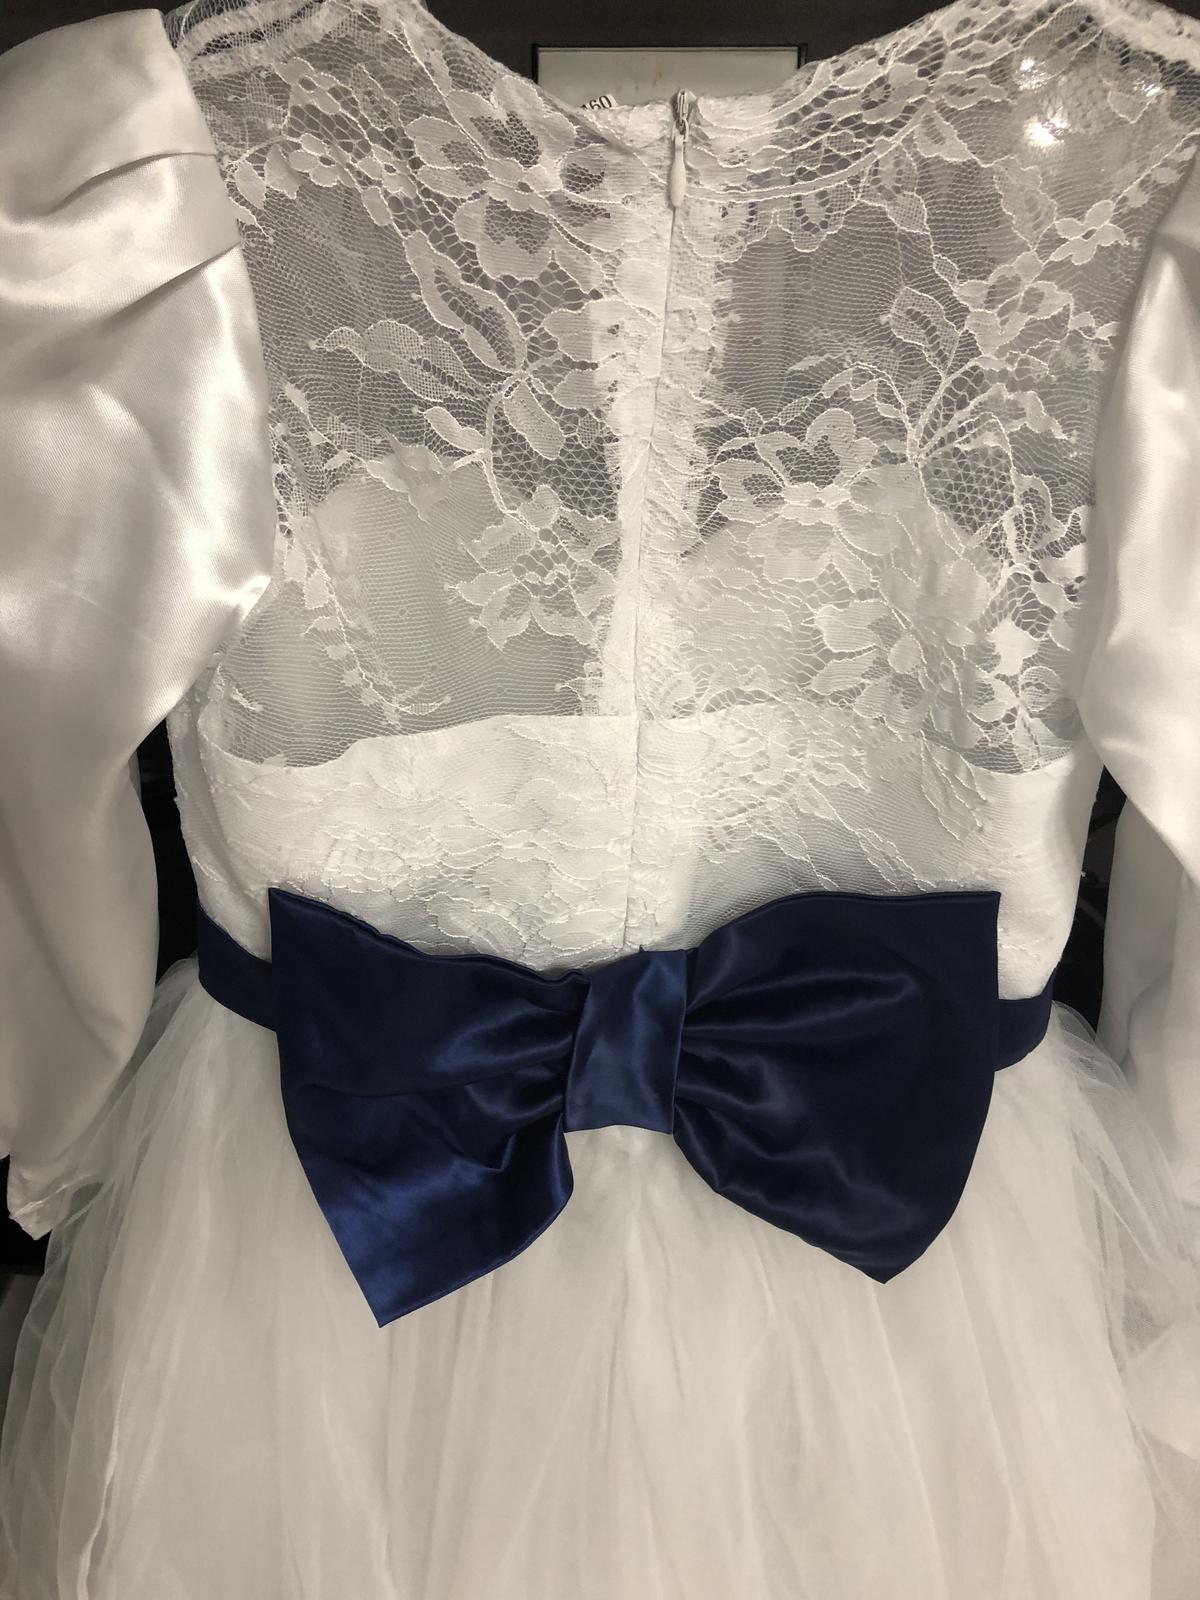 Modro bílá svatba - Obrázek č. 2